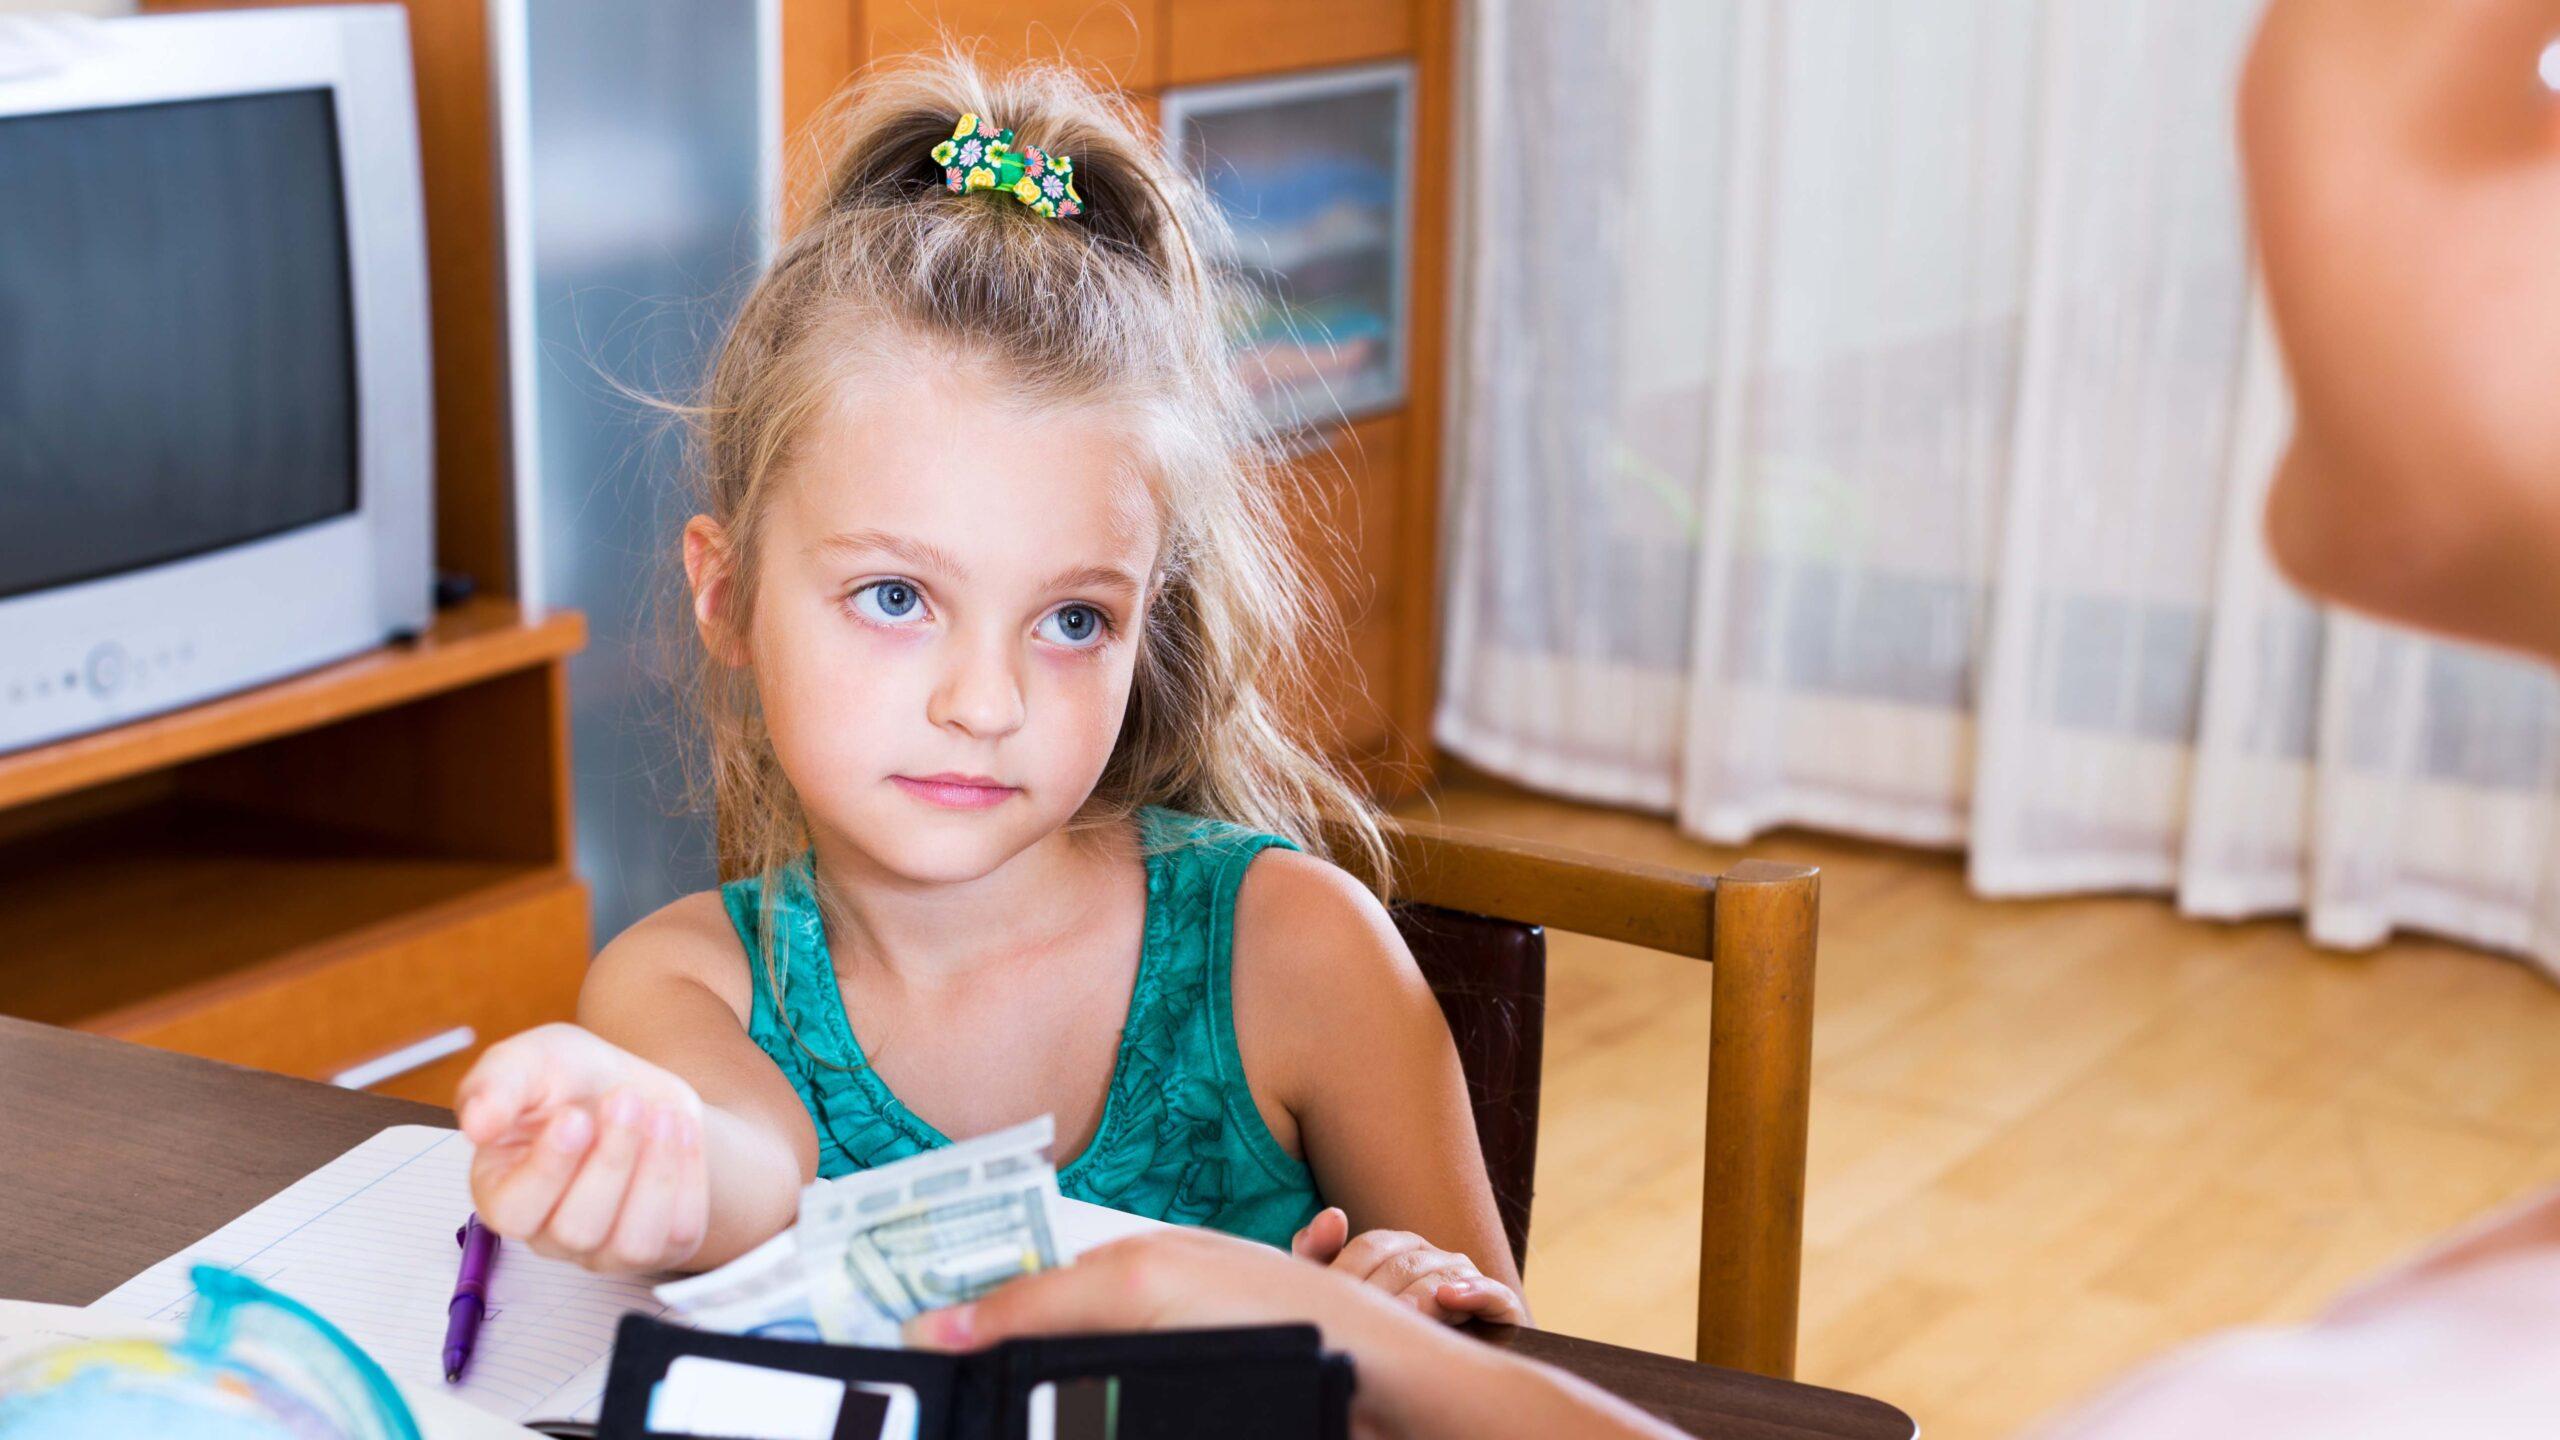 Bund baut Leistungen für Kinder aus